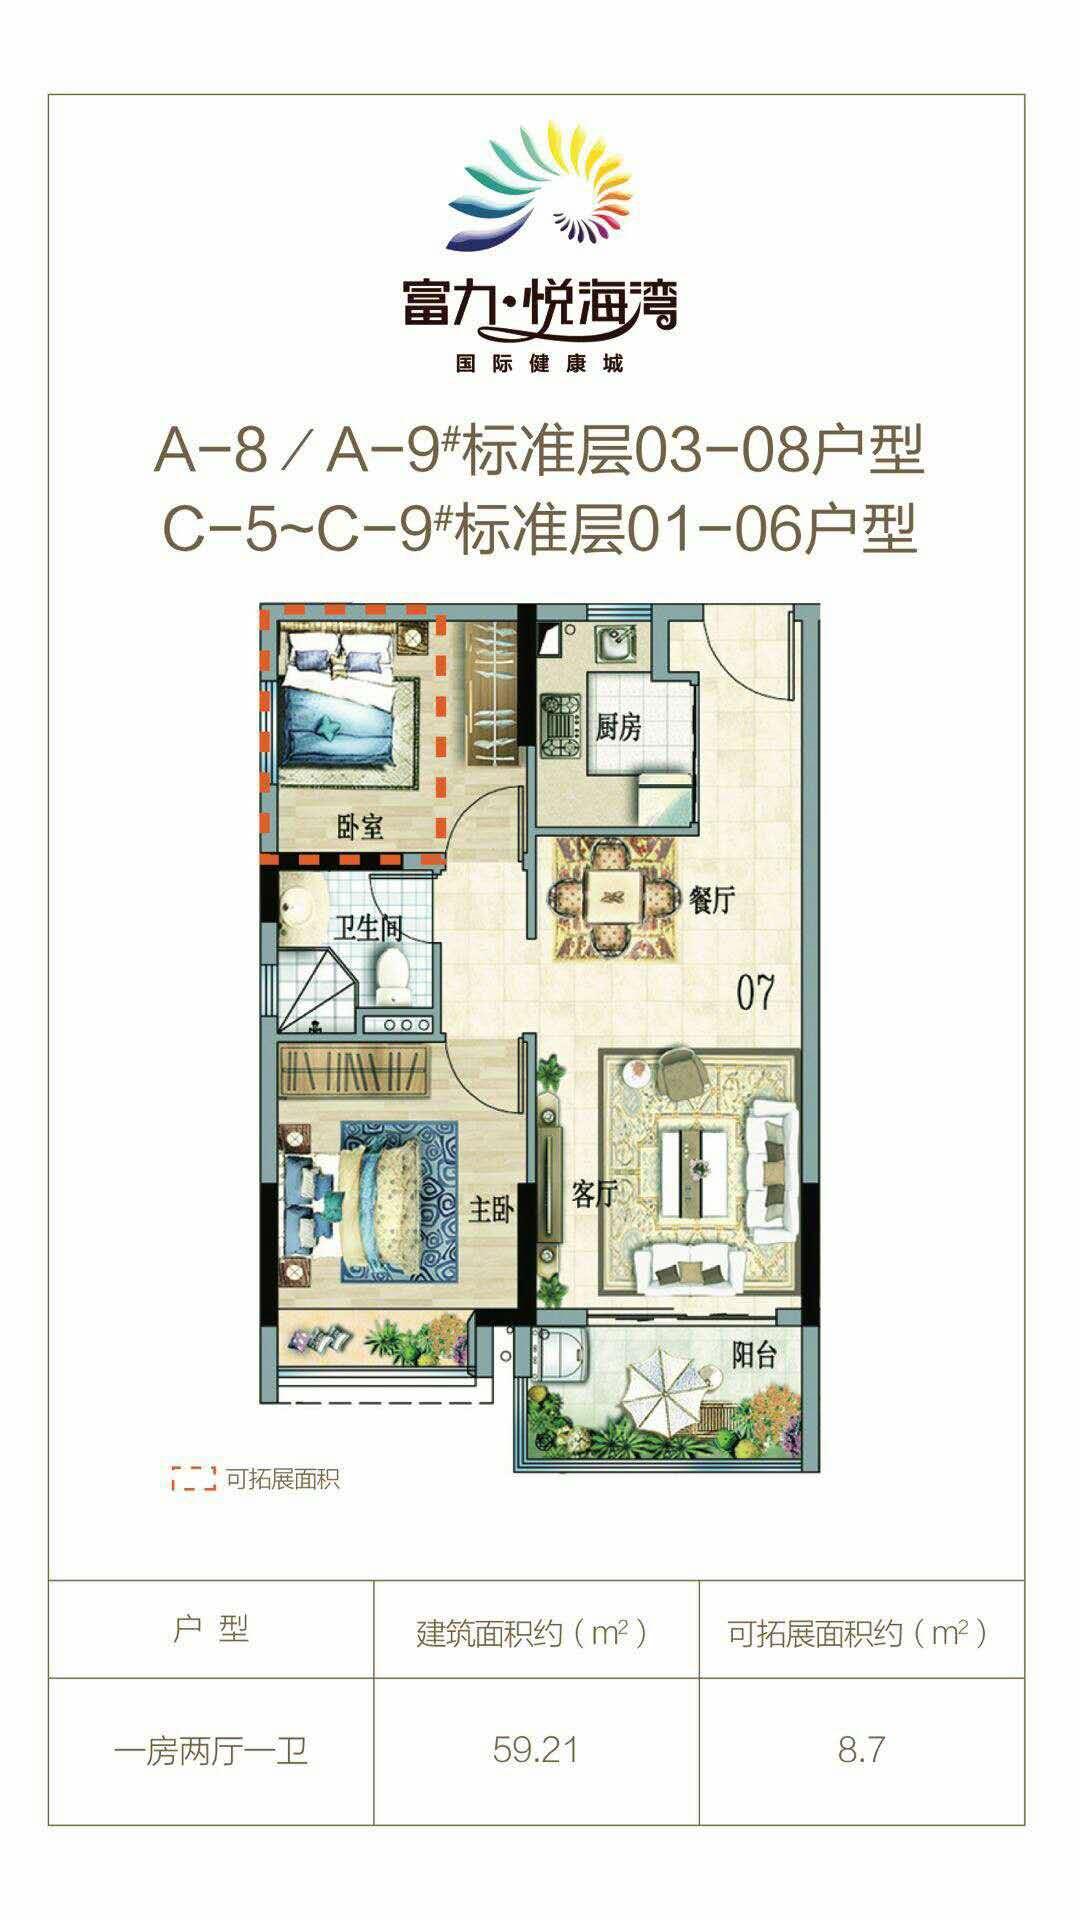 富力悦海湾A-8、A-9标准层02-08、C-5、C-9标准层01-06户型一房一厅一卫59.21平方米